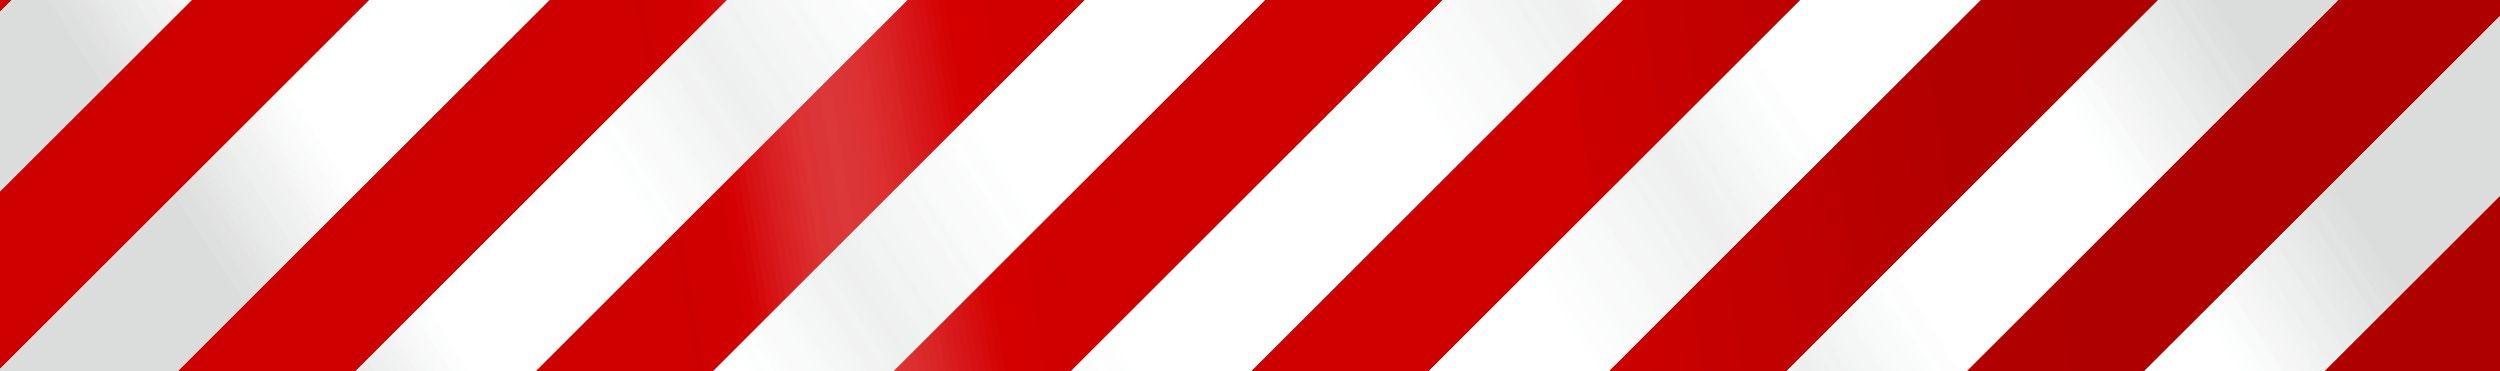 Aufkleber Reflektierender Leuchtbakenstreifen weiß/rot